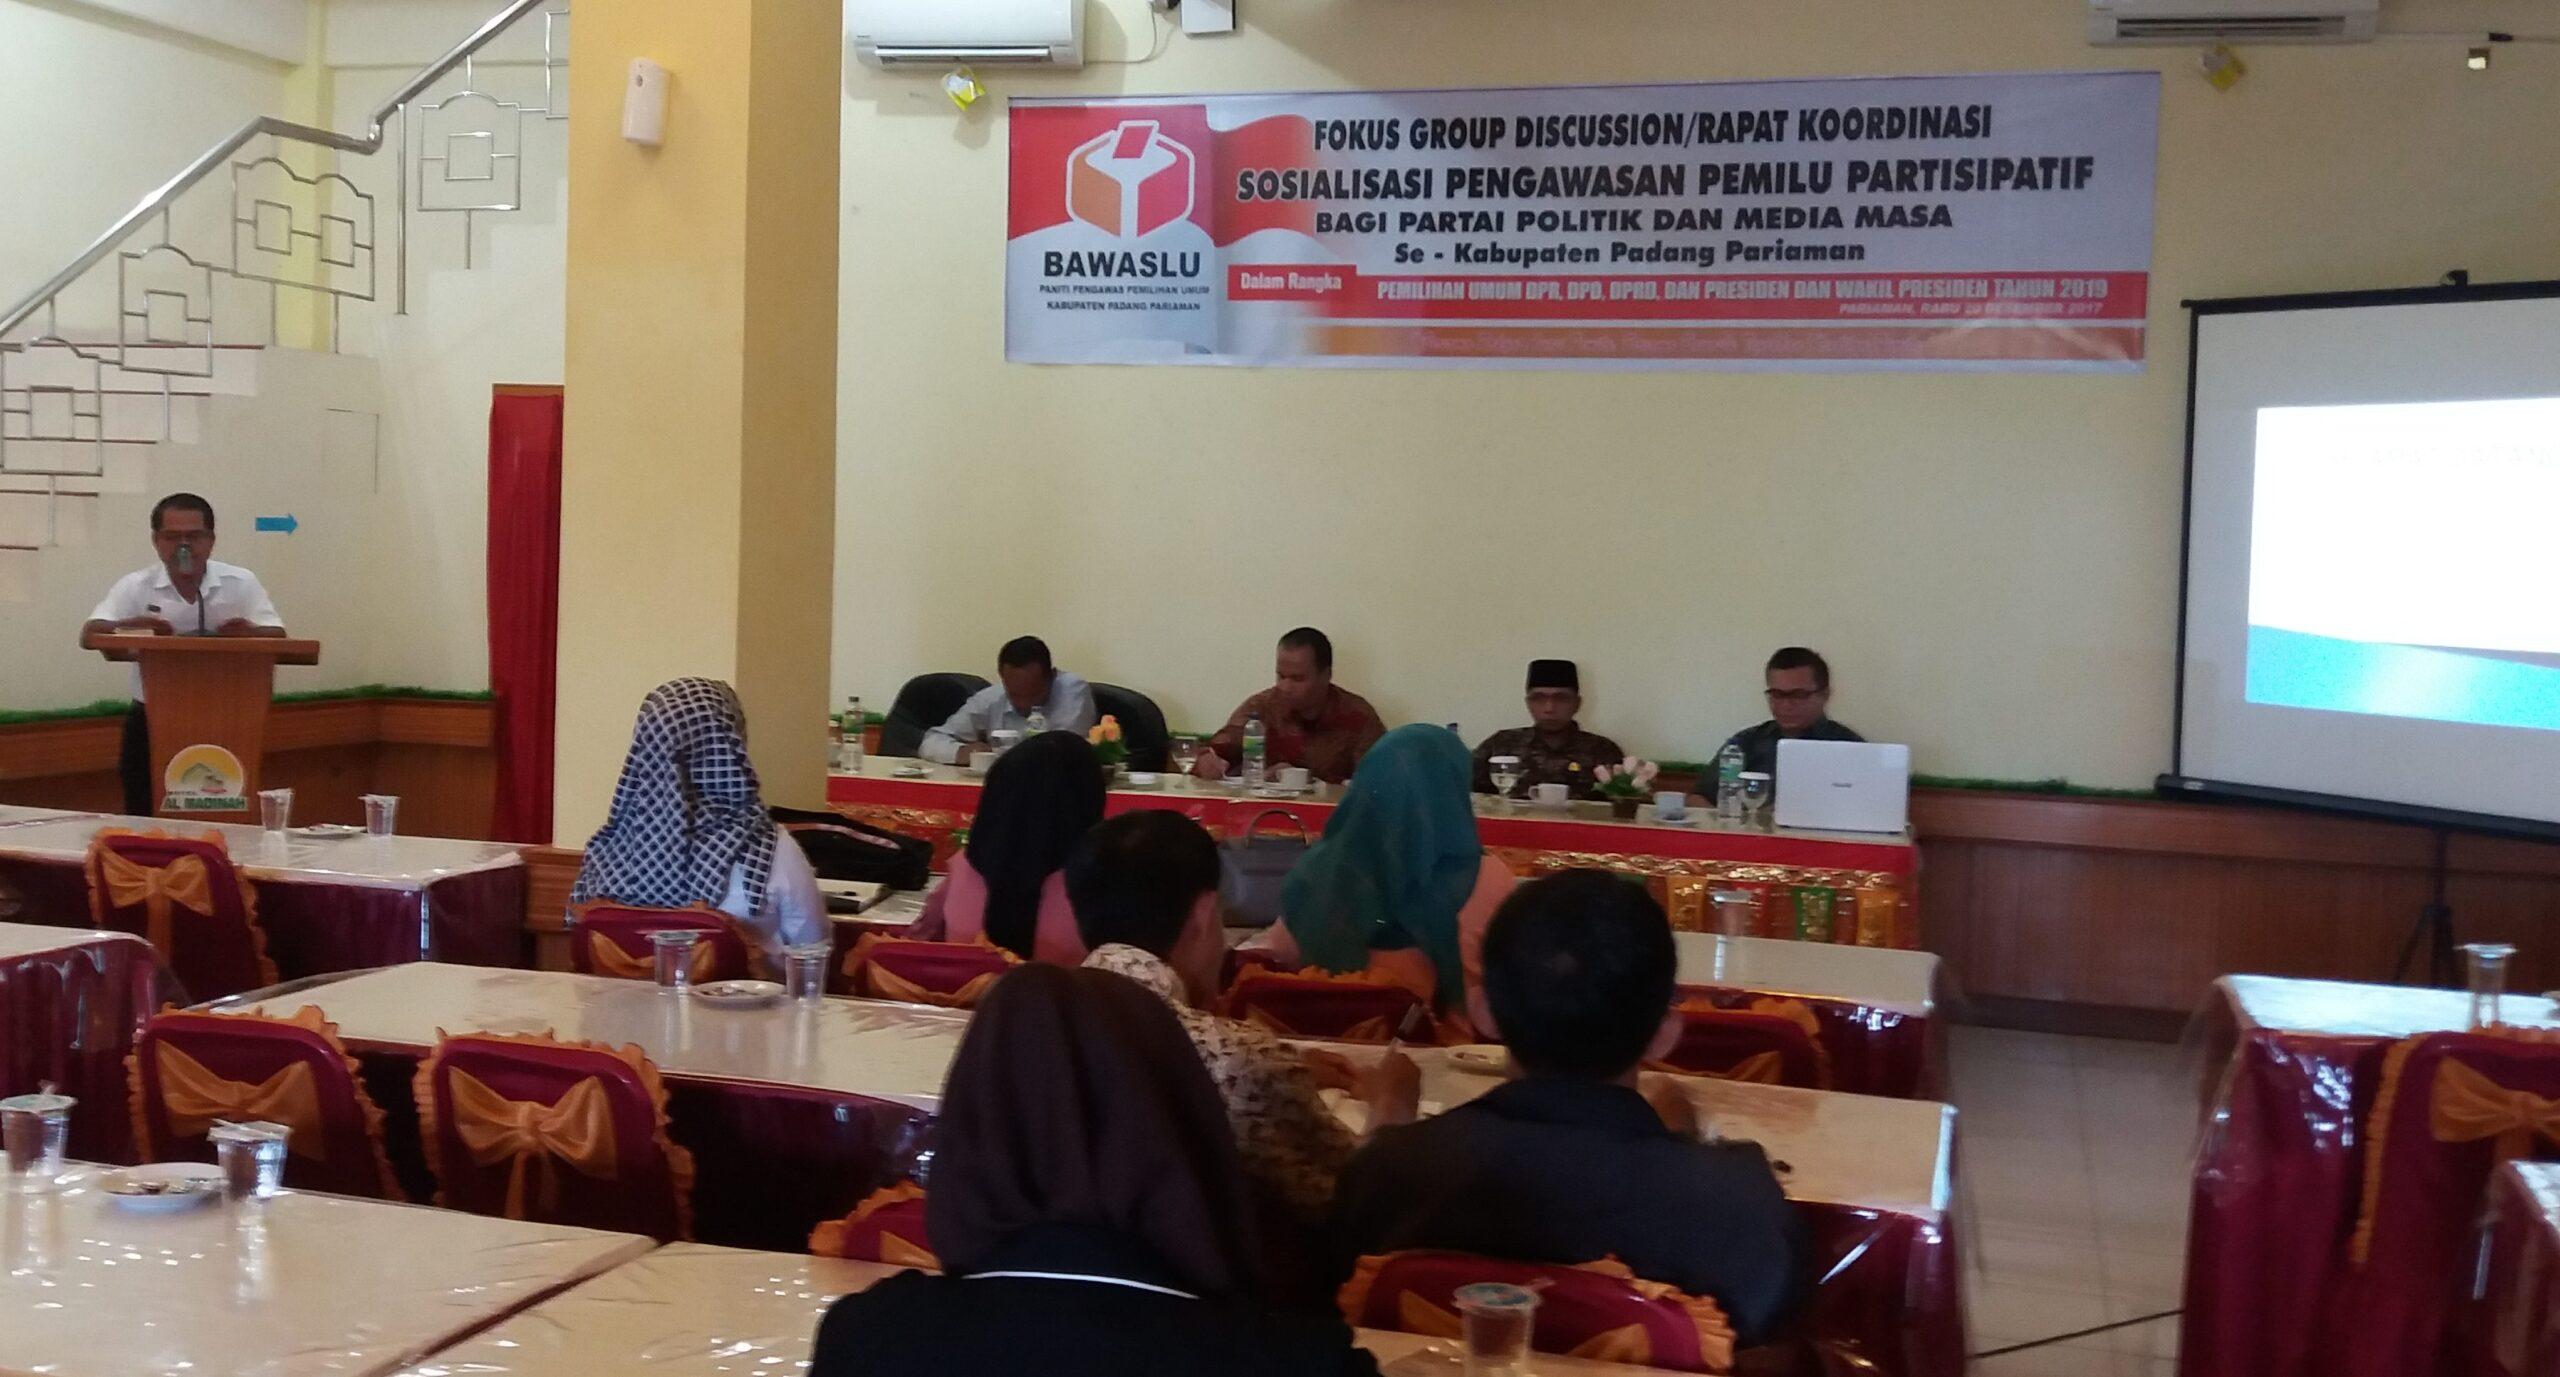 Sosialisasi pengawasan Pemilu Partisipatif bagi Partai Politik dan media massa se-Kabupaten Padang Pariaman digelar oleh Panwaslu. Foto : Rizki Pratama